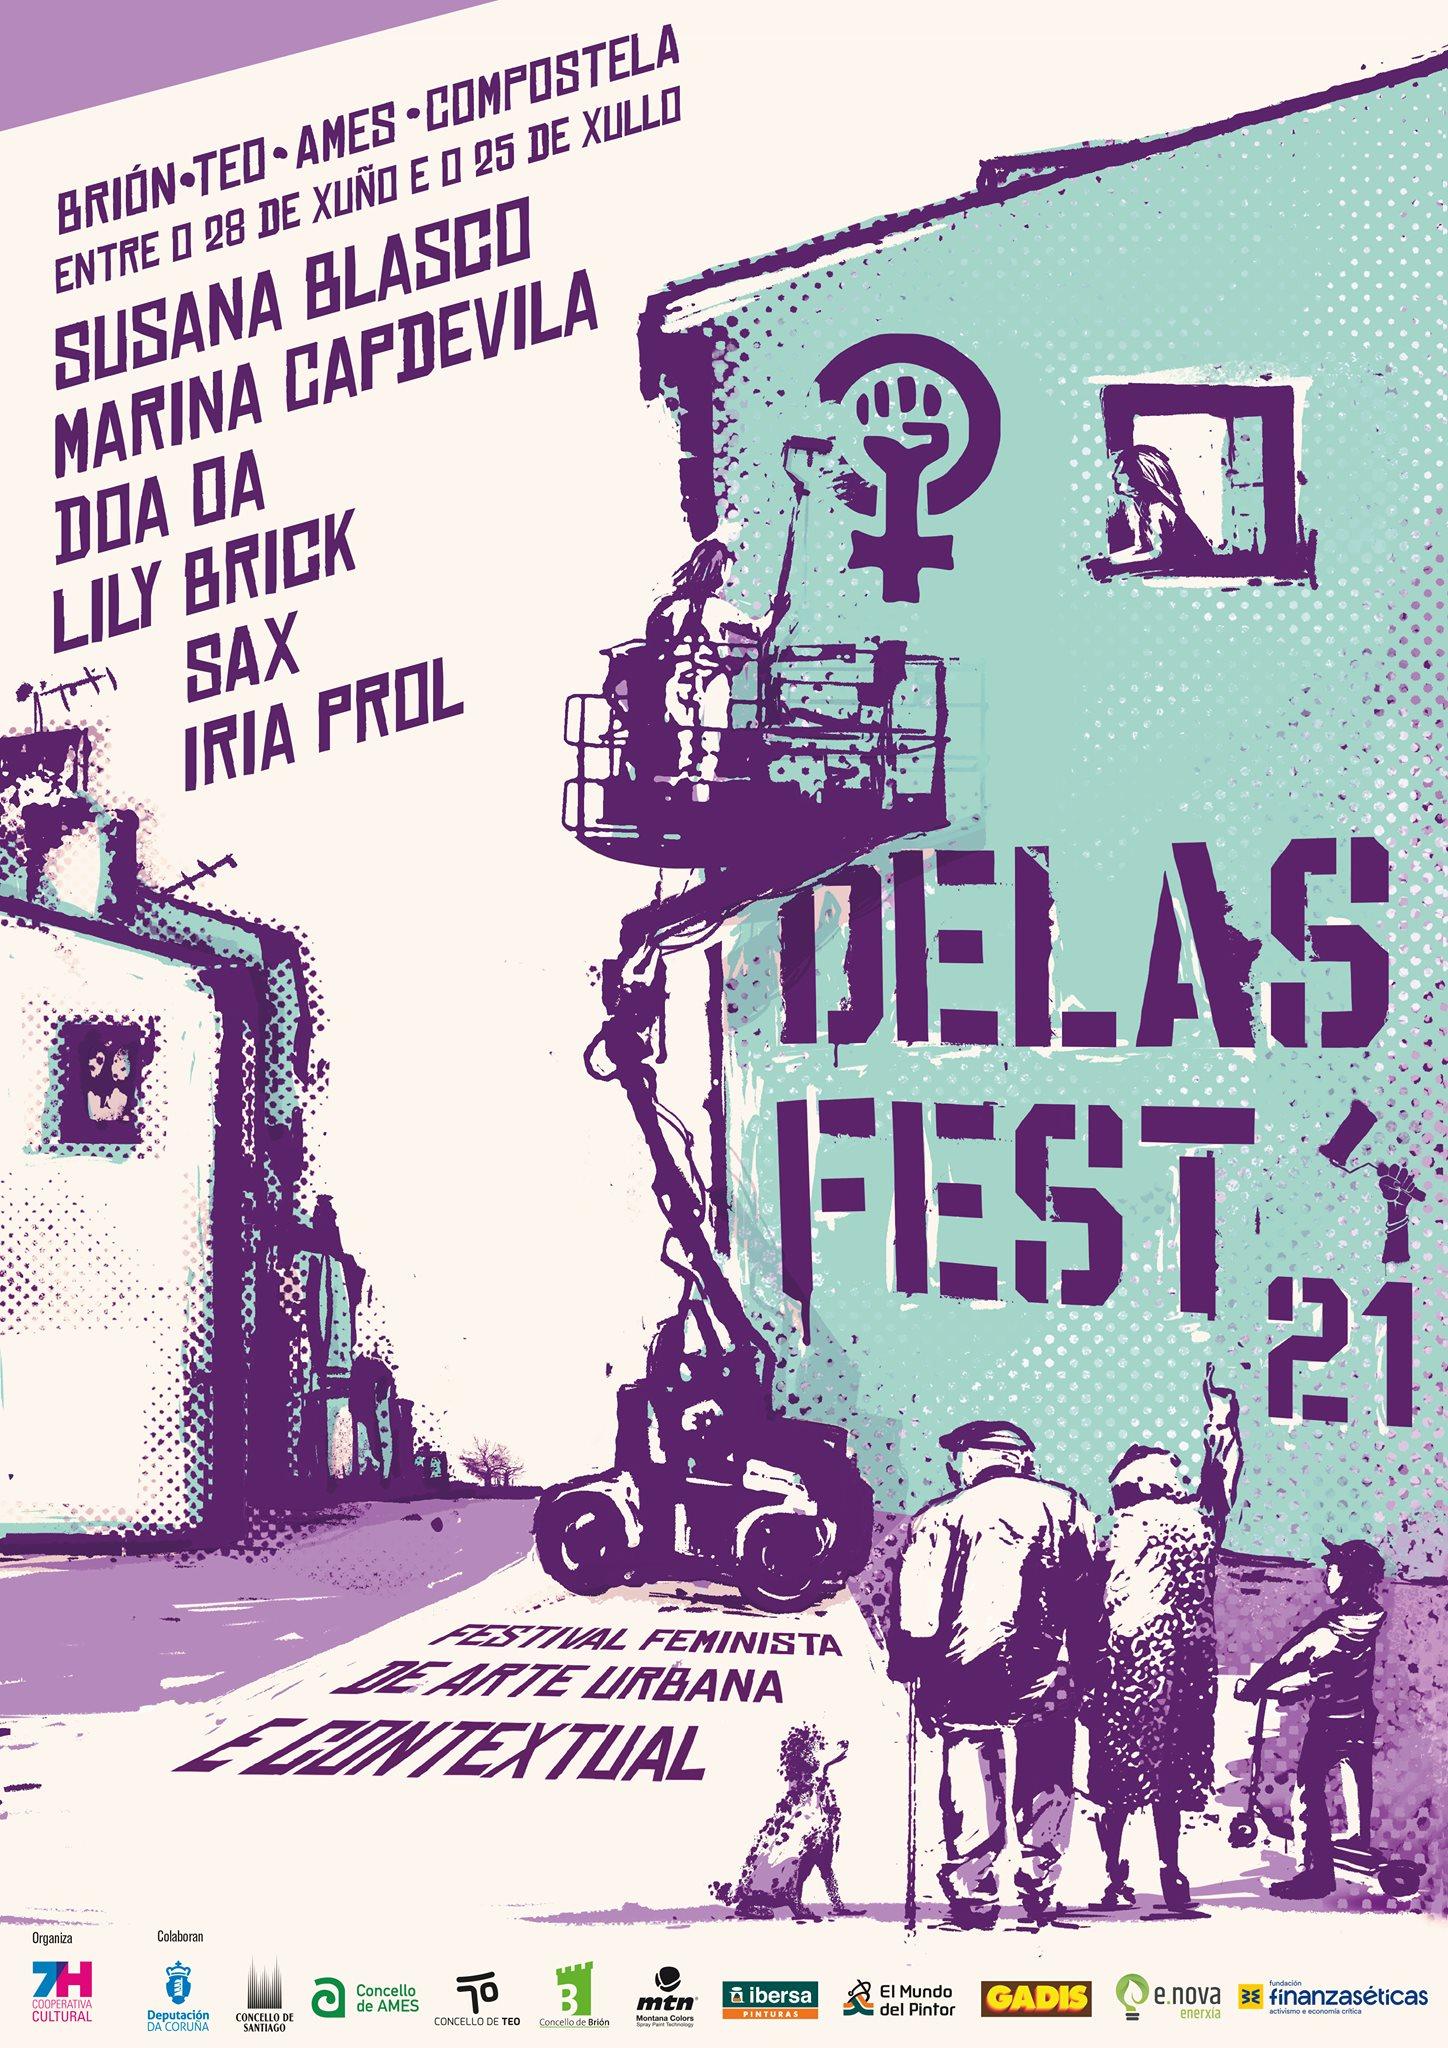 Brión, Teo, Ames e Santiago acollen o Festival Feminista de Arte Urbana e Contextual ata o 25 de xullo